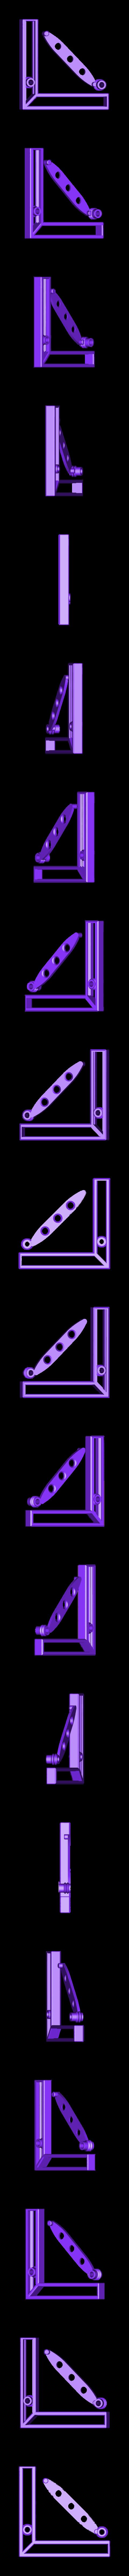 Ladder_Falling_Ver_A.stl Télécharger fichier STL gratuit Échelle coulissante, Ellipse • Objet pour imprimante 3D, LGBU